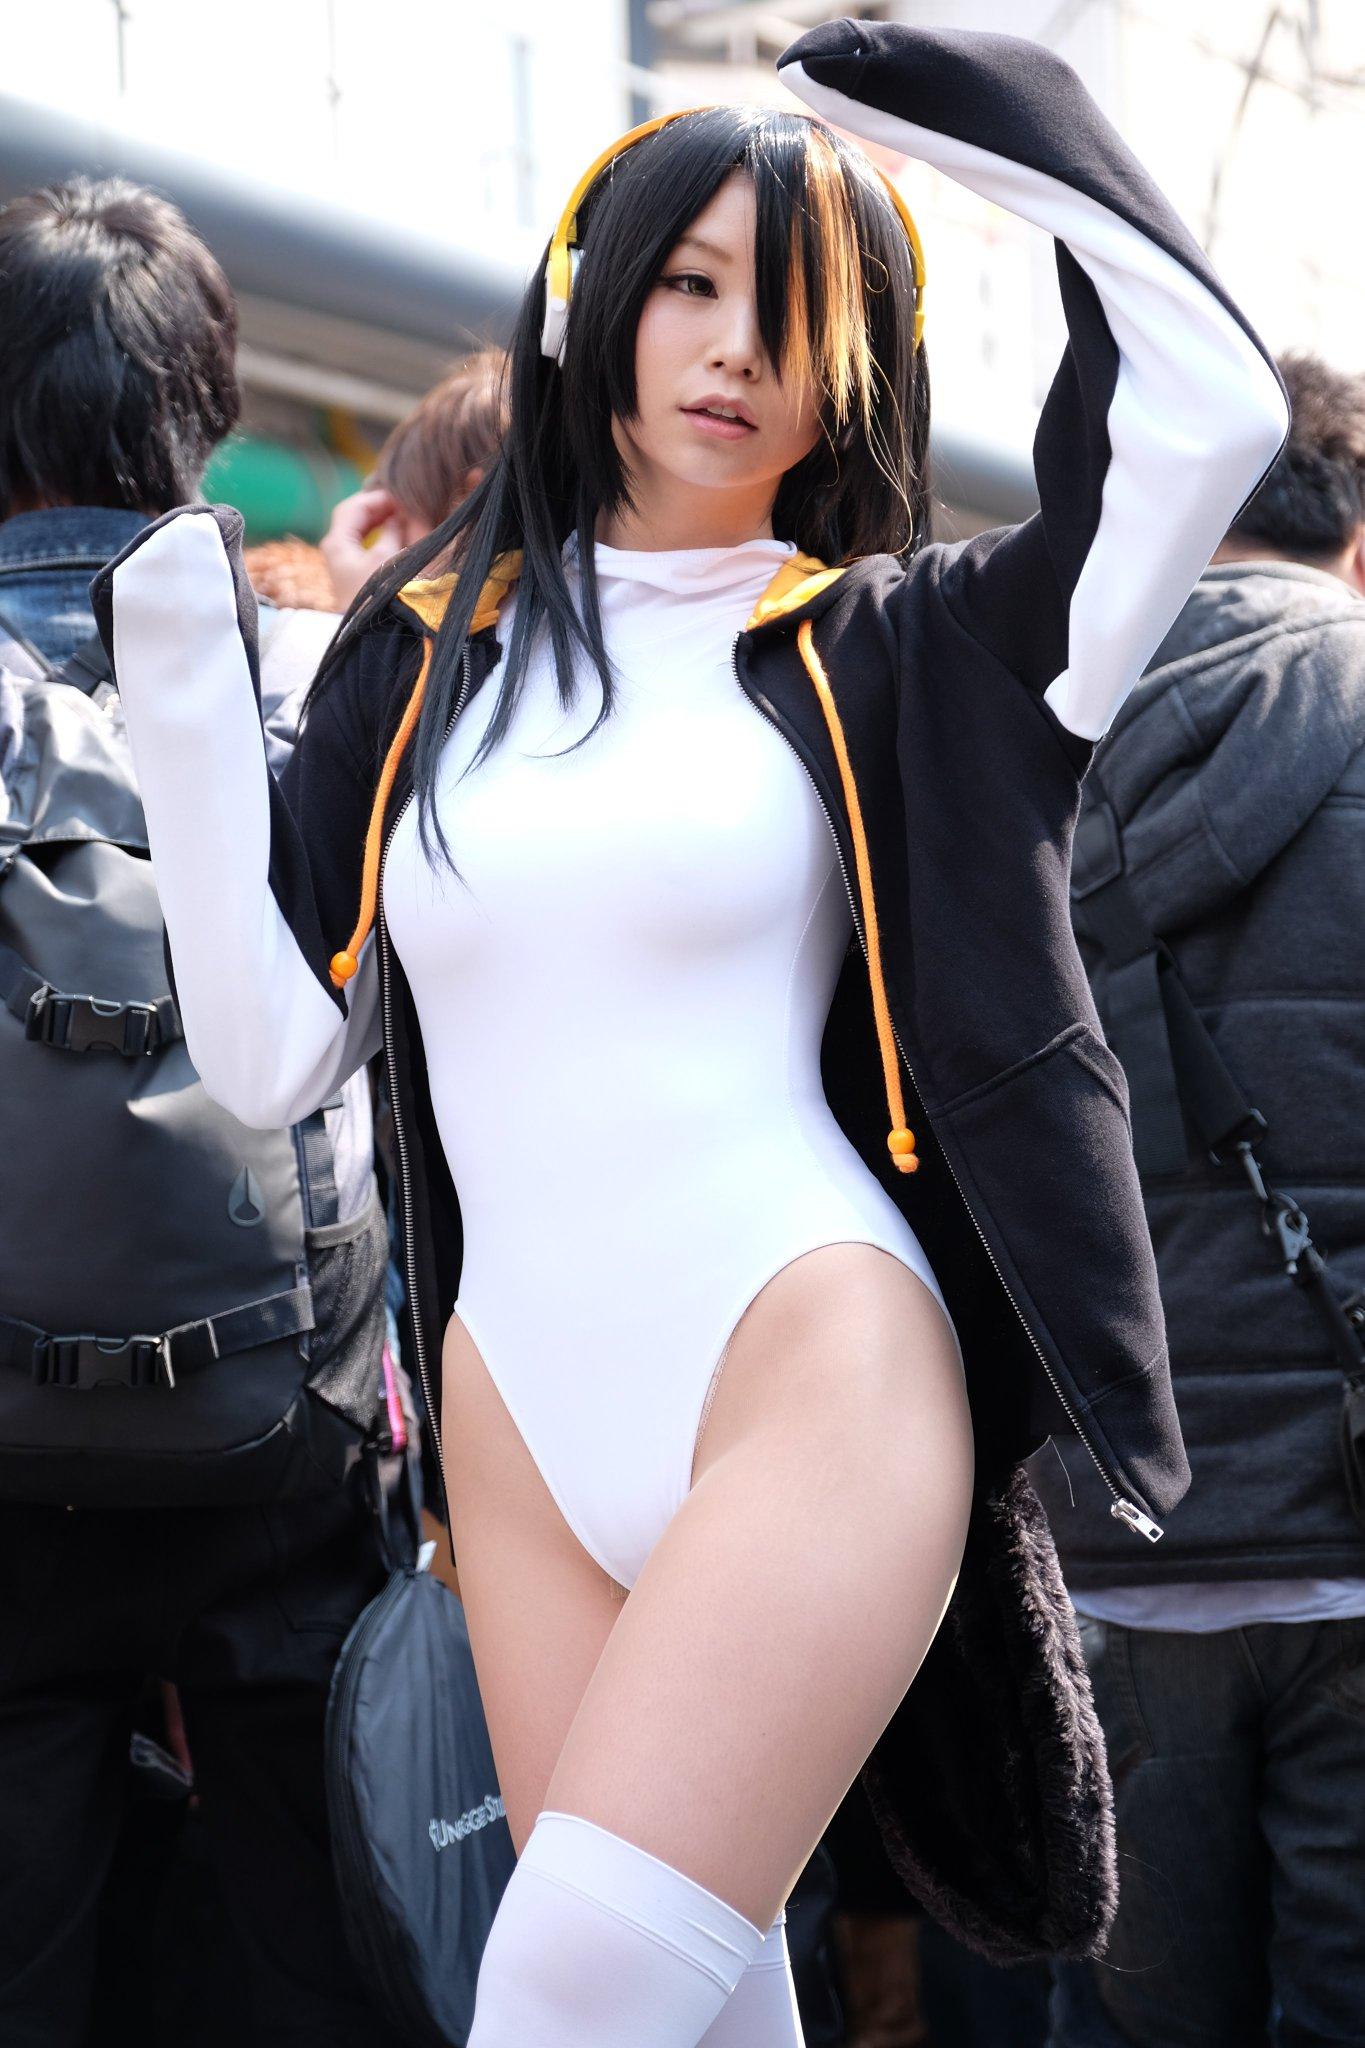 画像,五木あきらさん(@itsuki_akira)お疲れ様でしたー#ストフェス#けものフレンズ https://t.co/FHuyCNQ8sW…